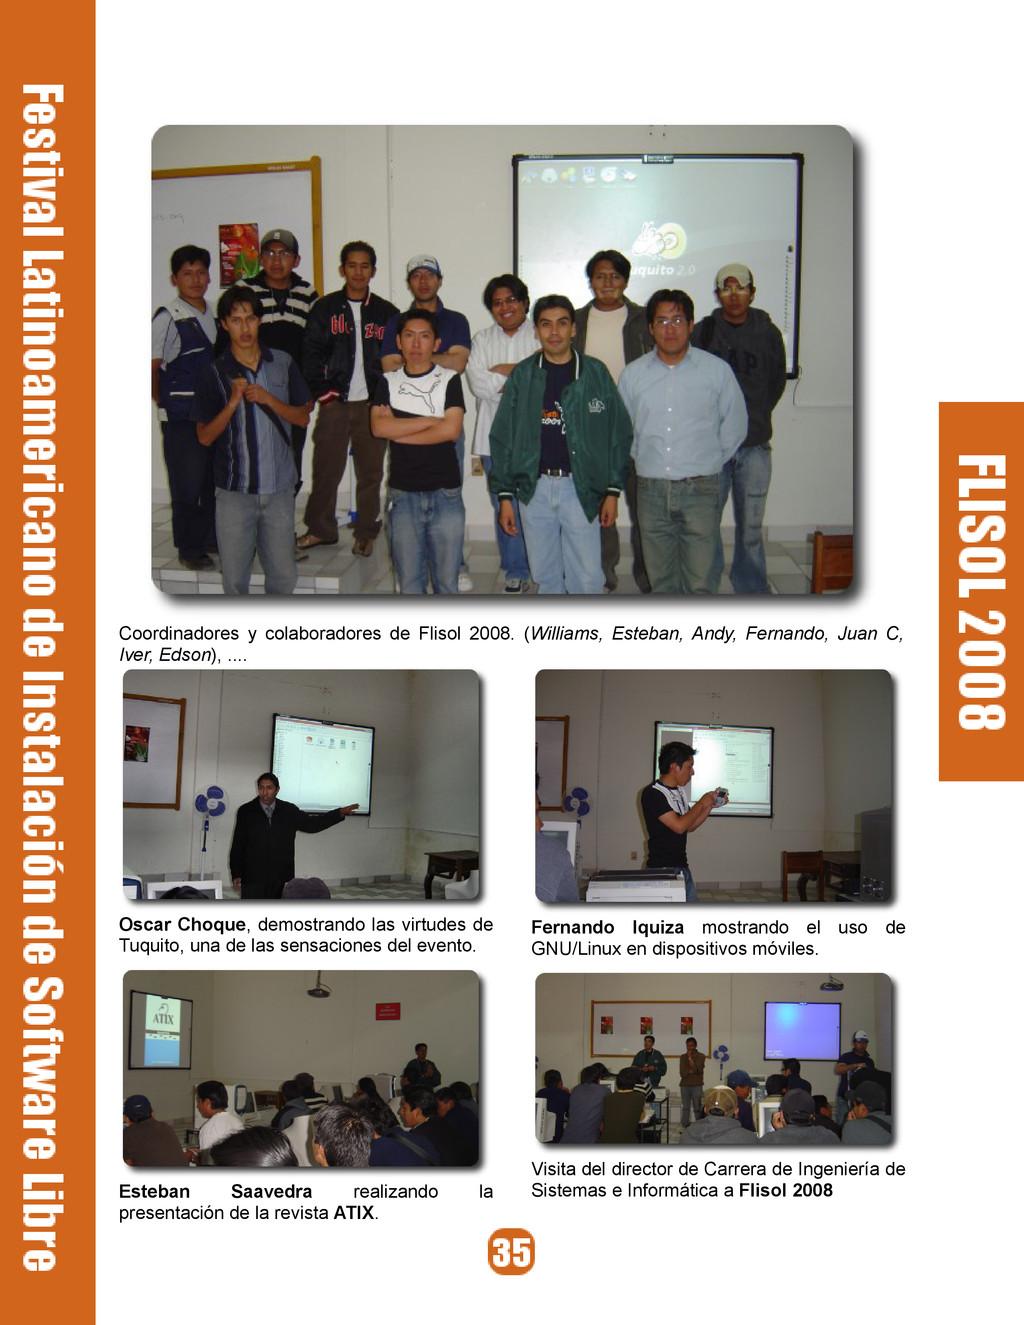 Coordinadores y colaboradores de Flisol 2008. (...